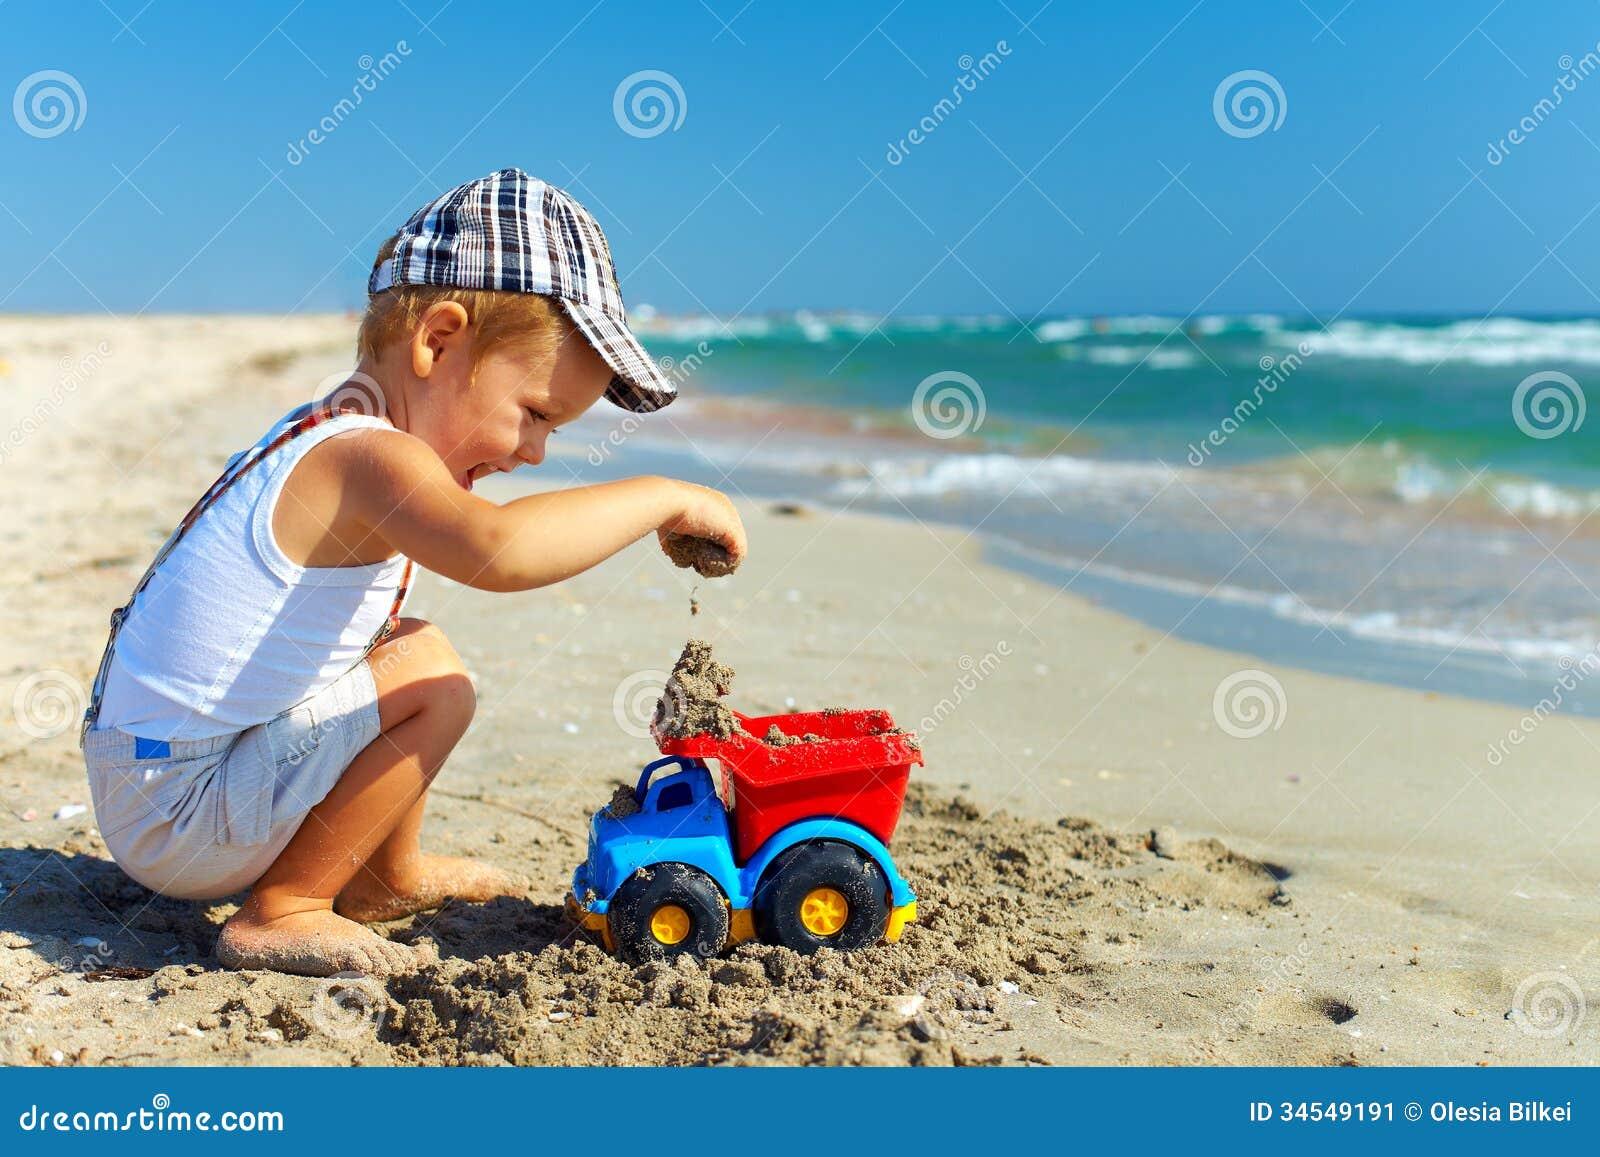 Дети на пляже фото мальчиков